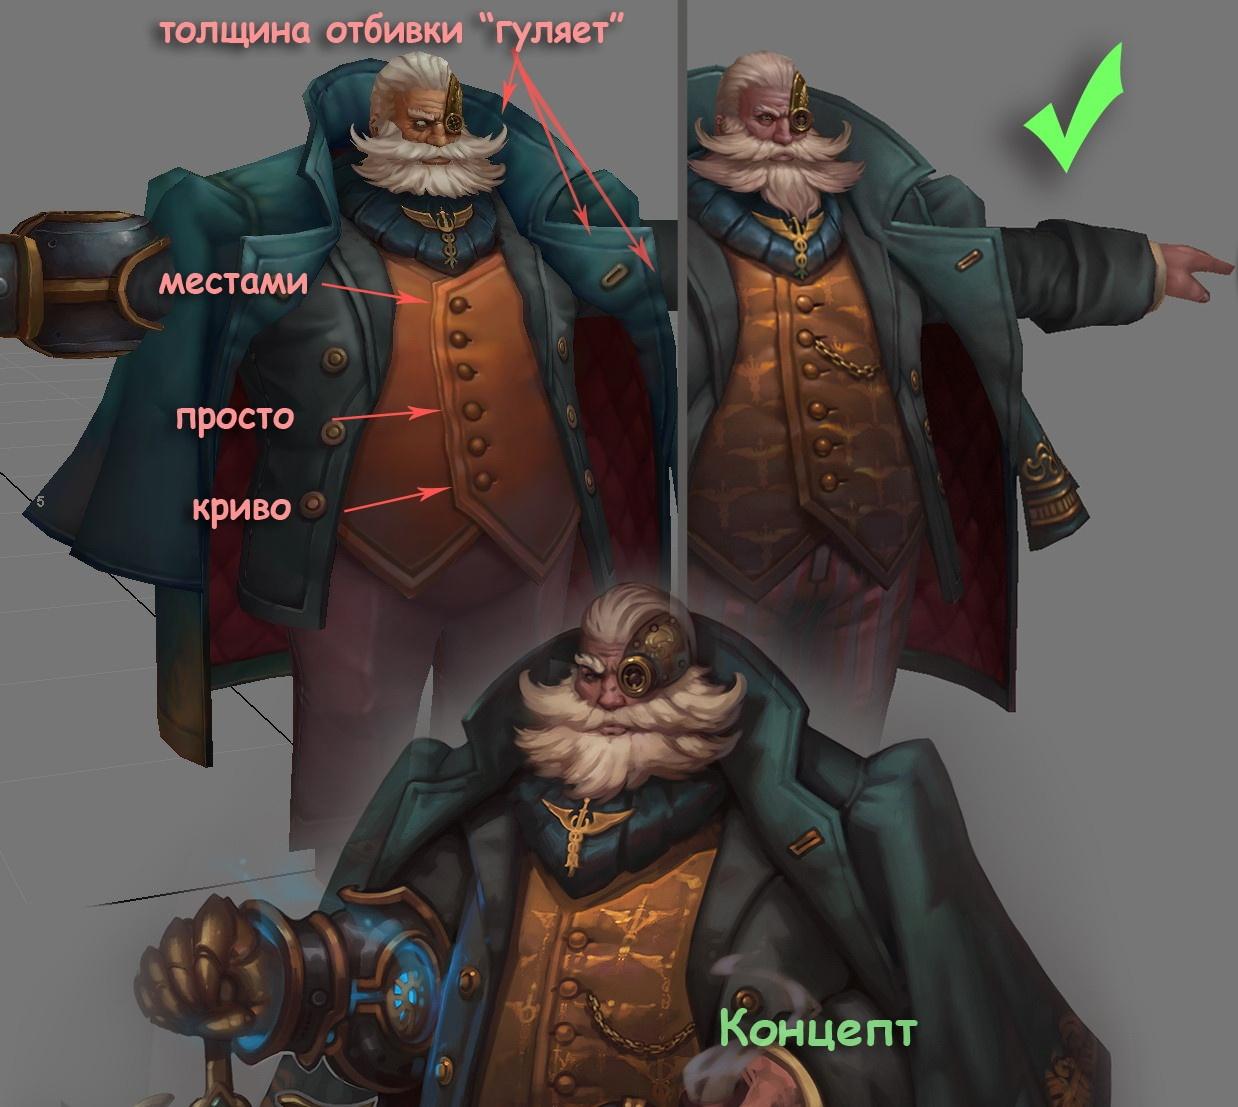 Разработка персонажей для игры «Аллоды Онлайн» - 76